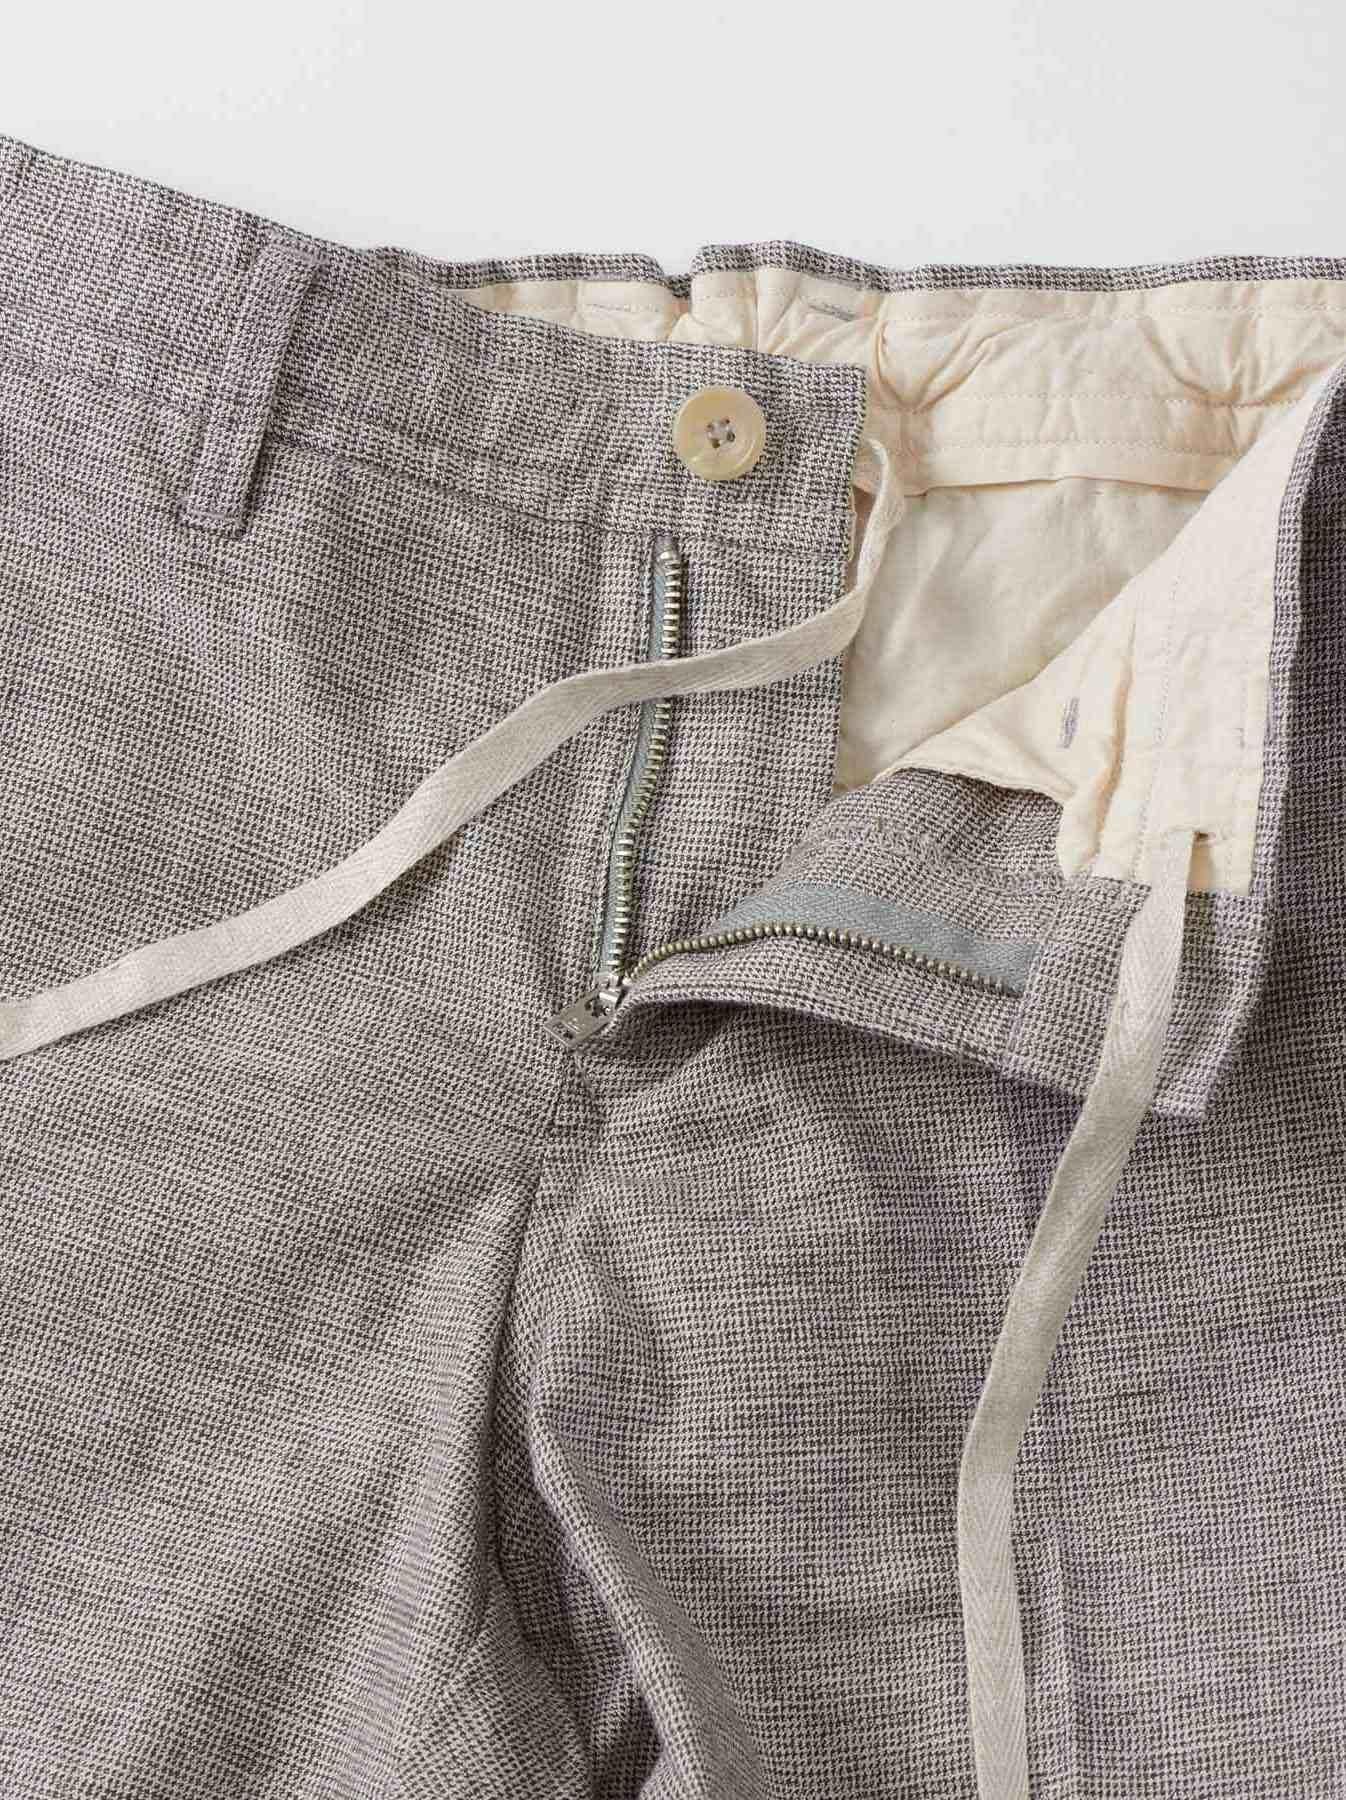 WH Cotton Tweed 908 Easy Slacks-6